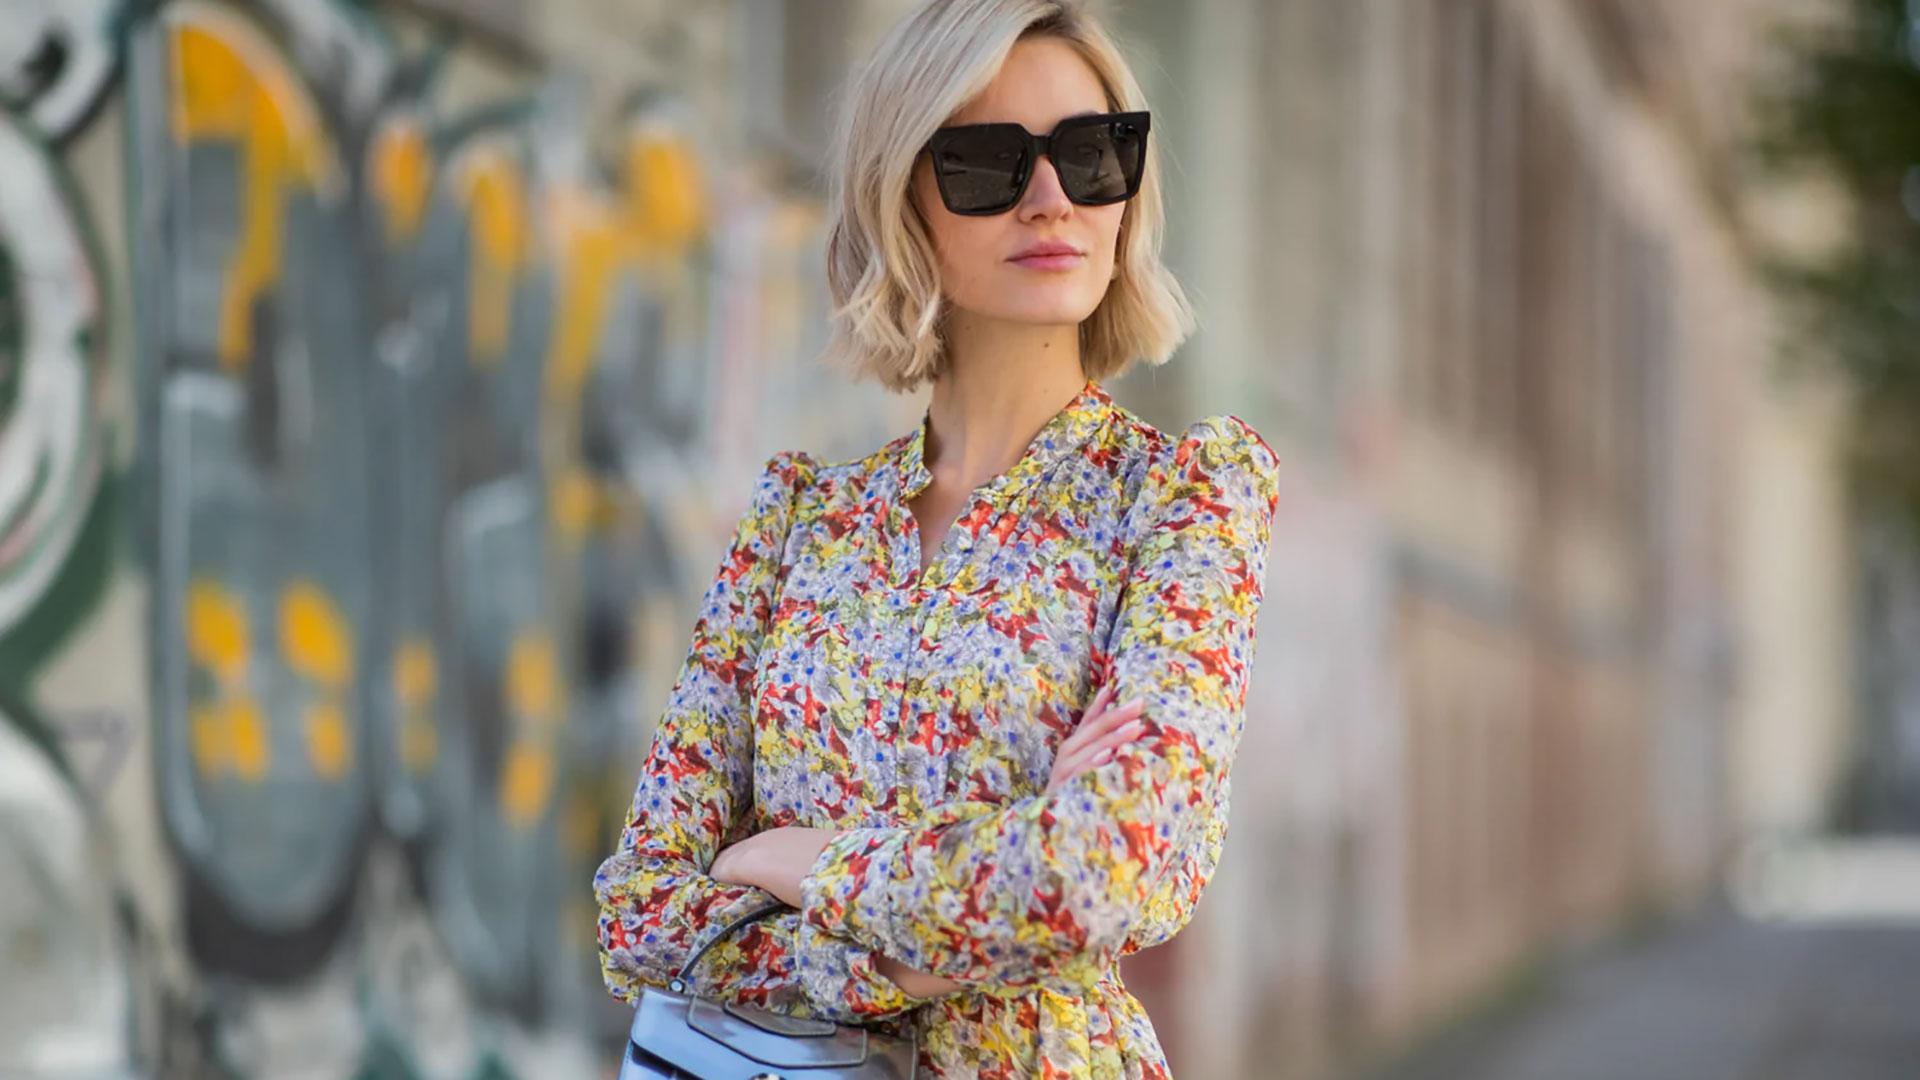 Vestiti a fiori con accessori